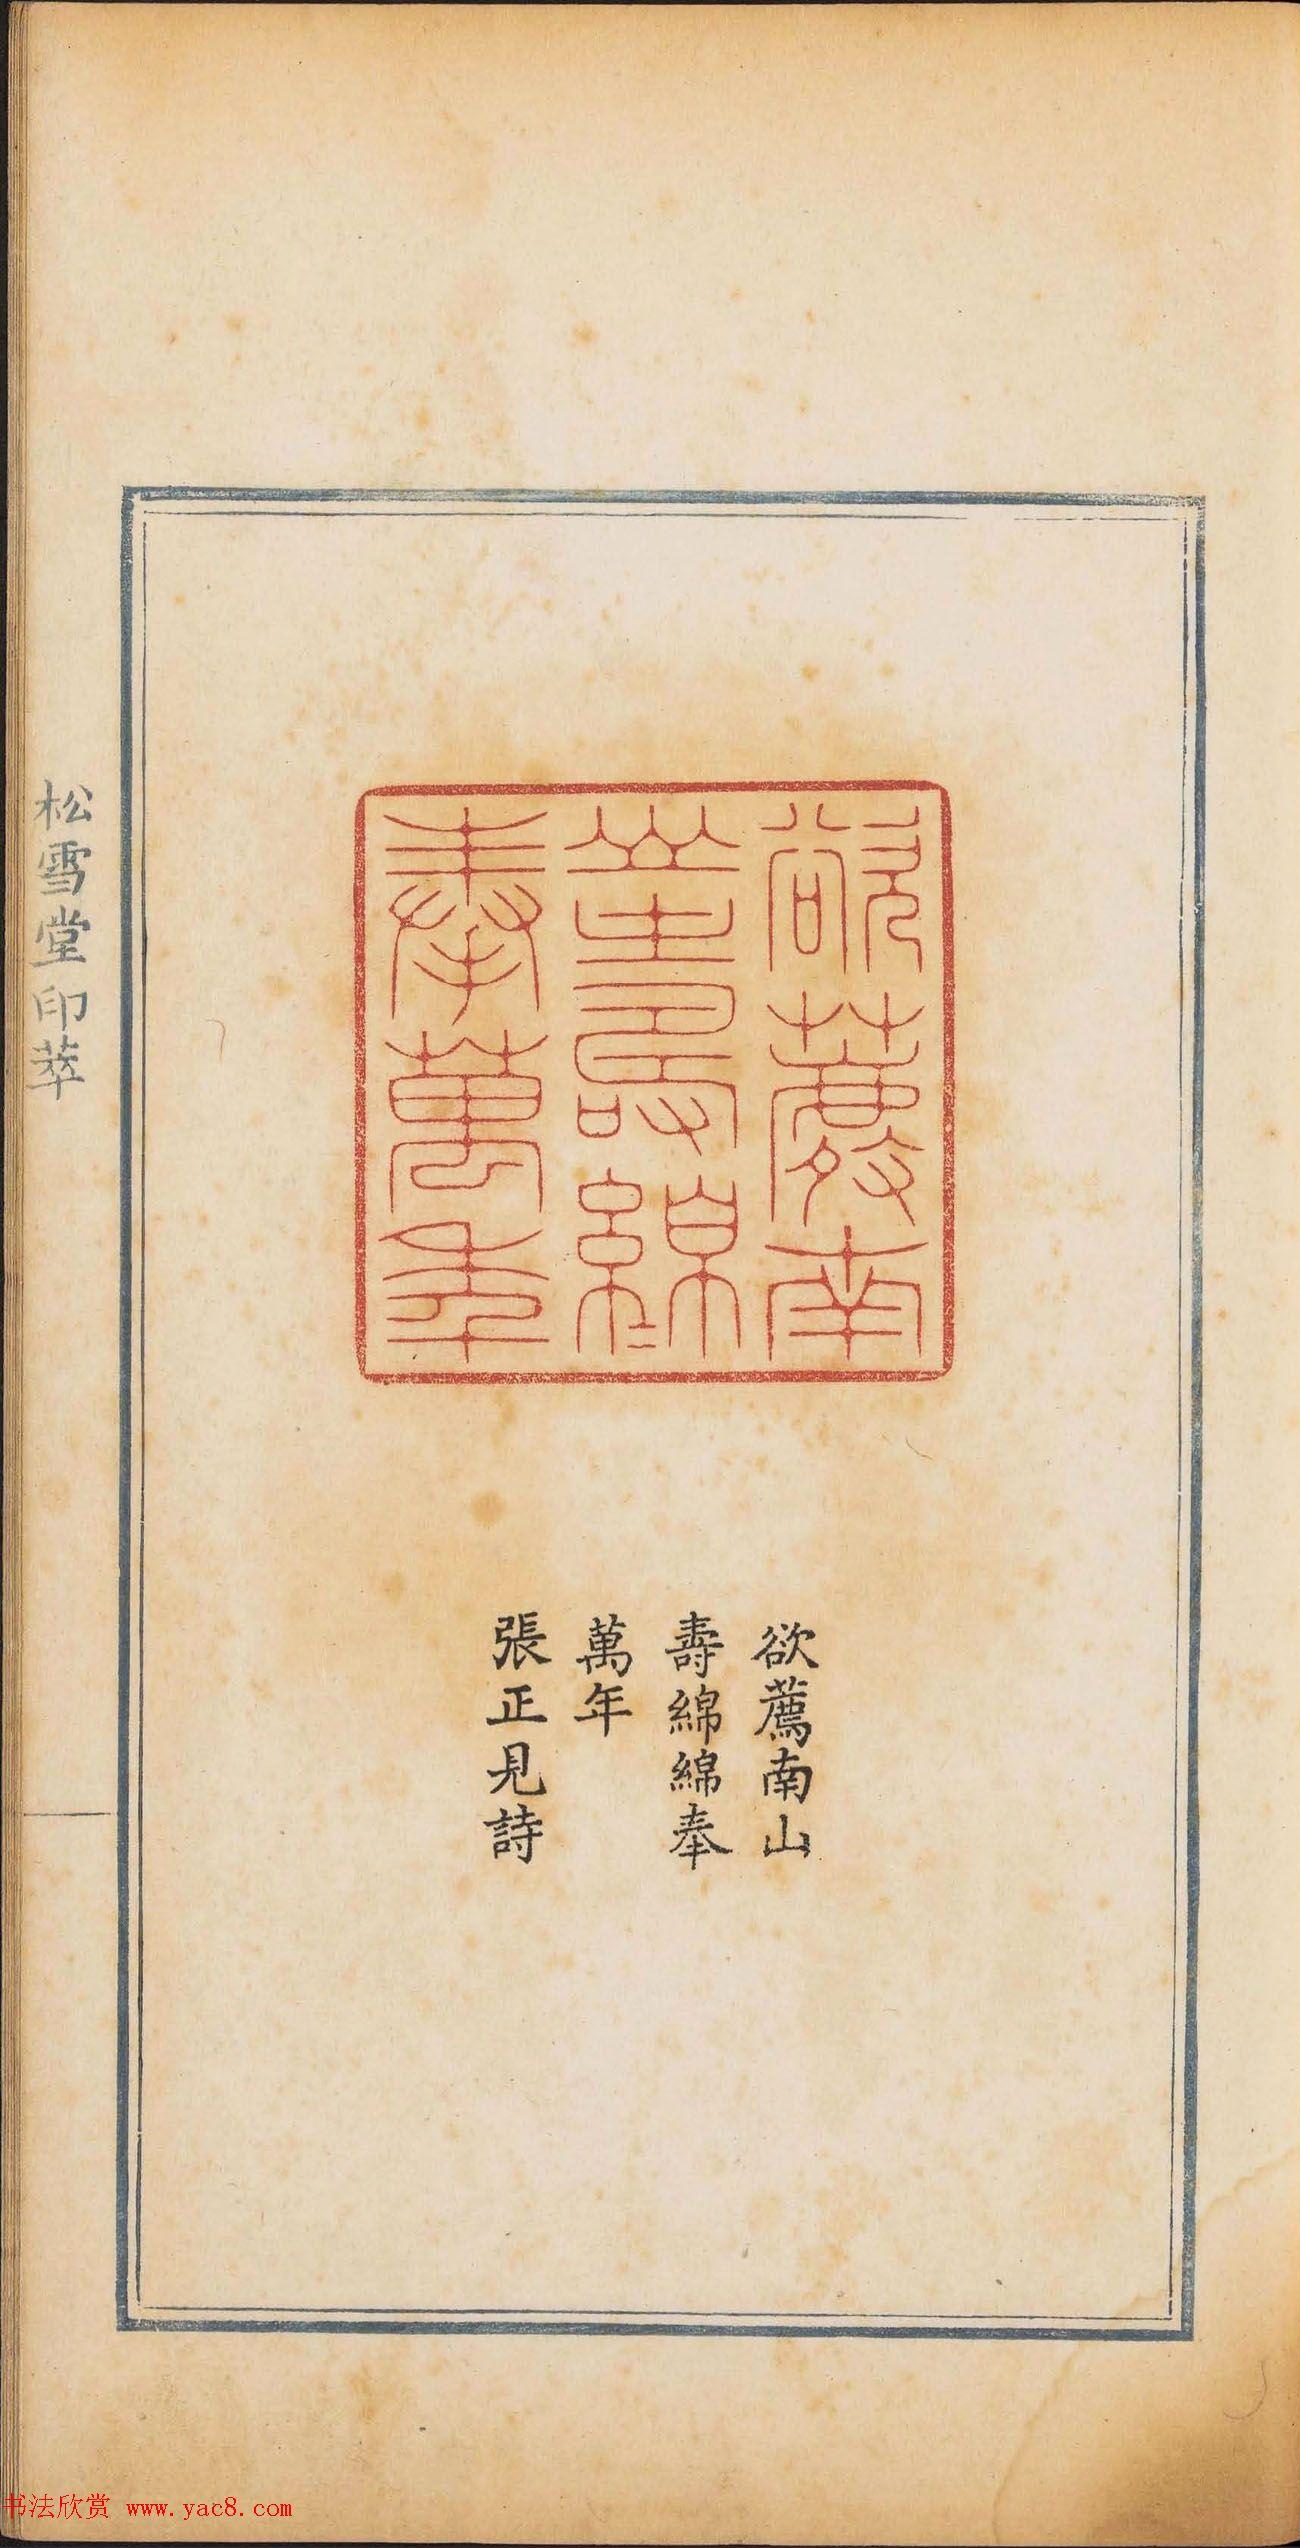 《松雪堂印萃》第一册:百寿图印